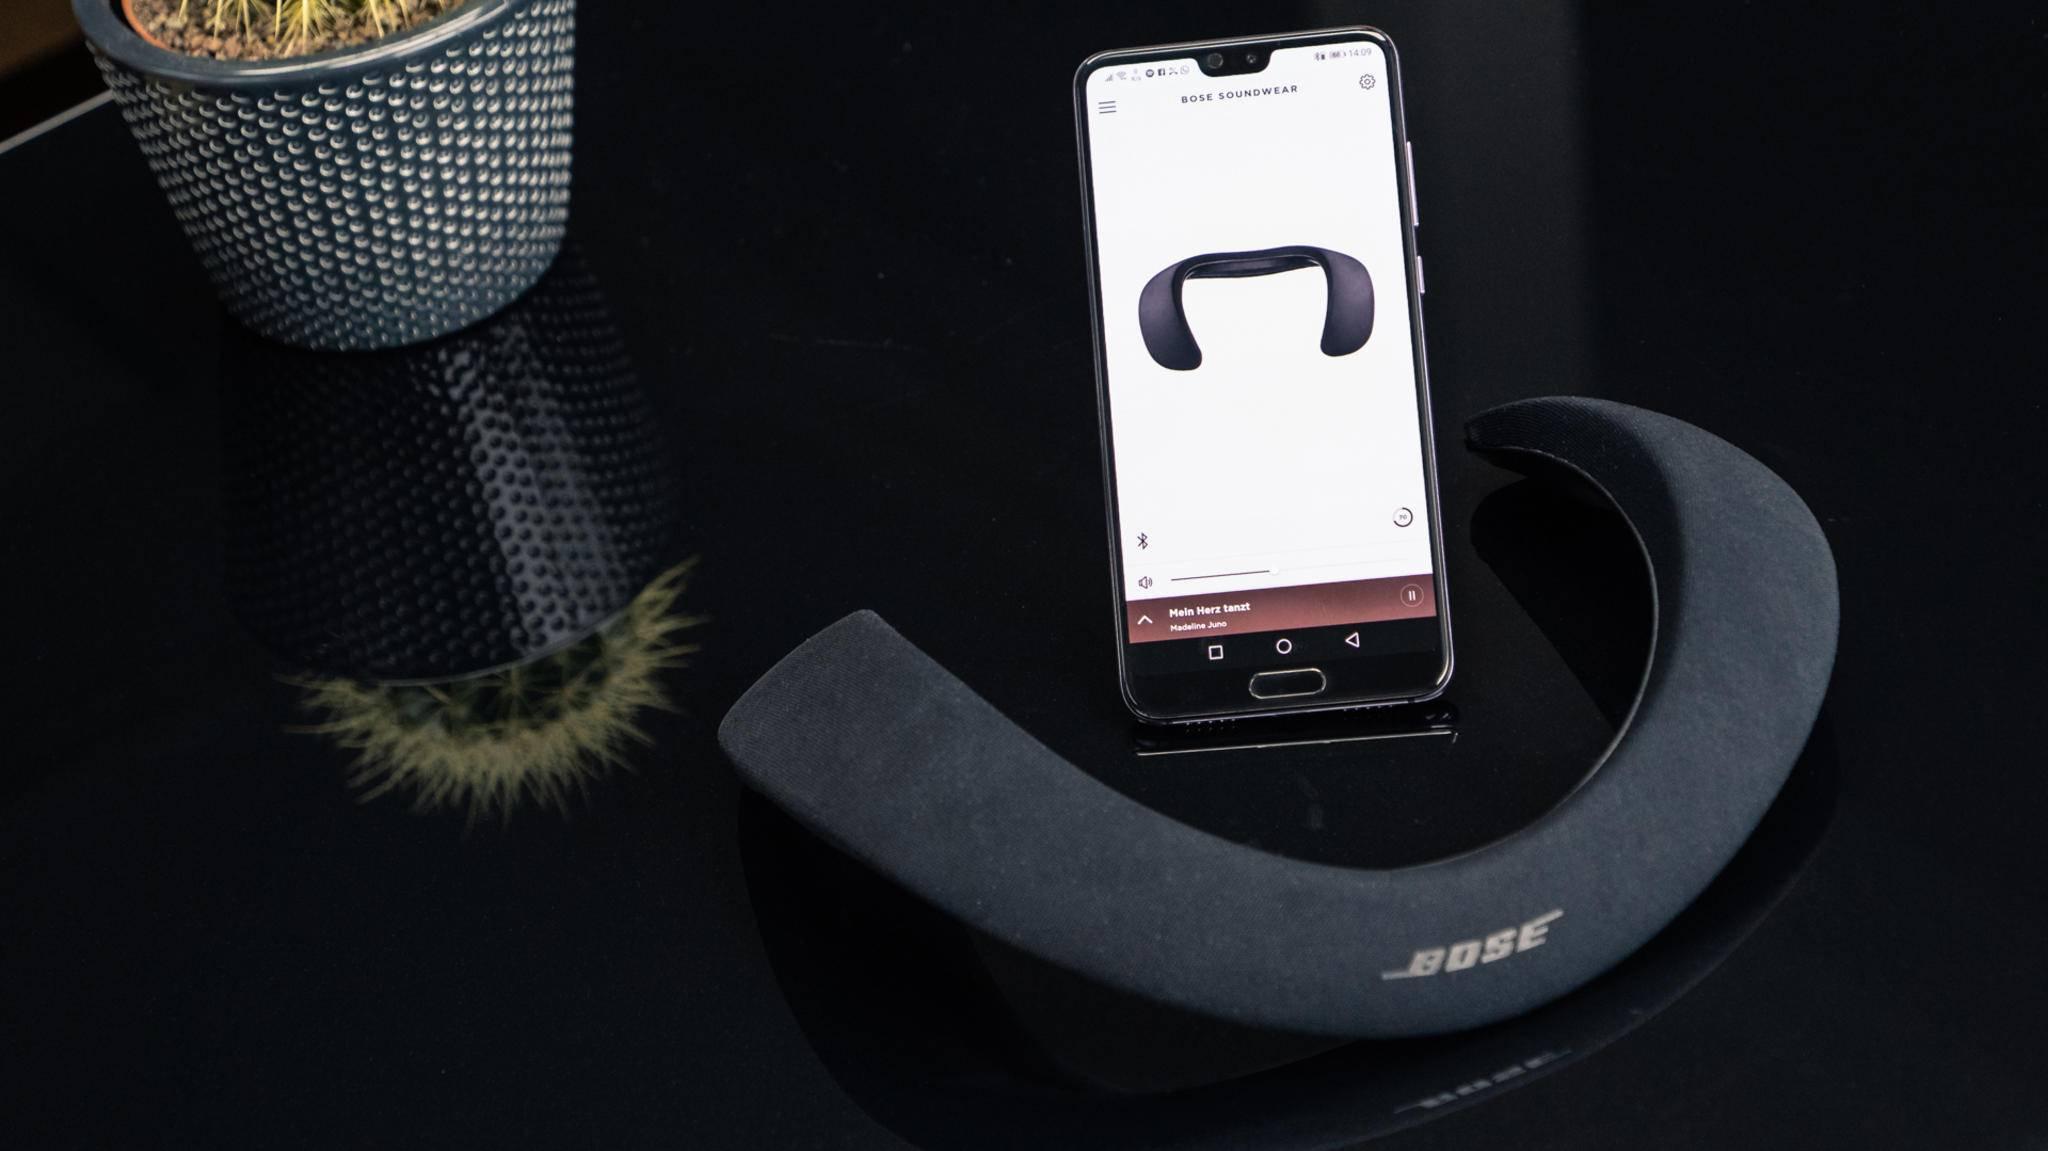 Ab sofort in Deutschland erhältlich: Der neue Nackenlautsprecher von Bose.